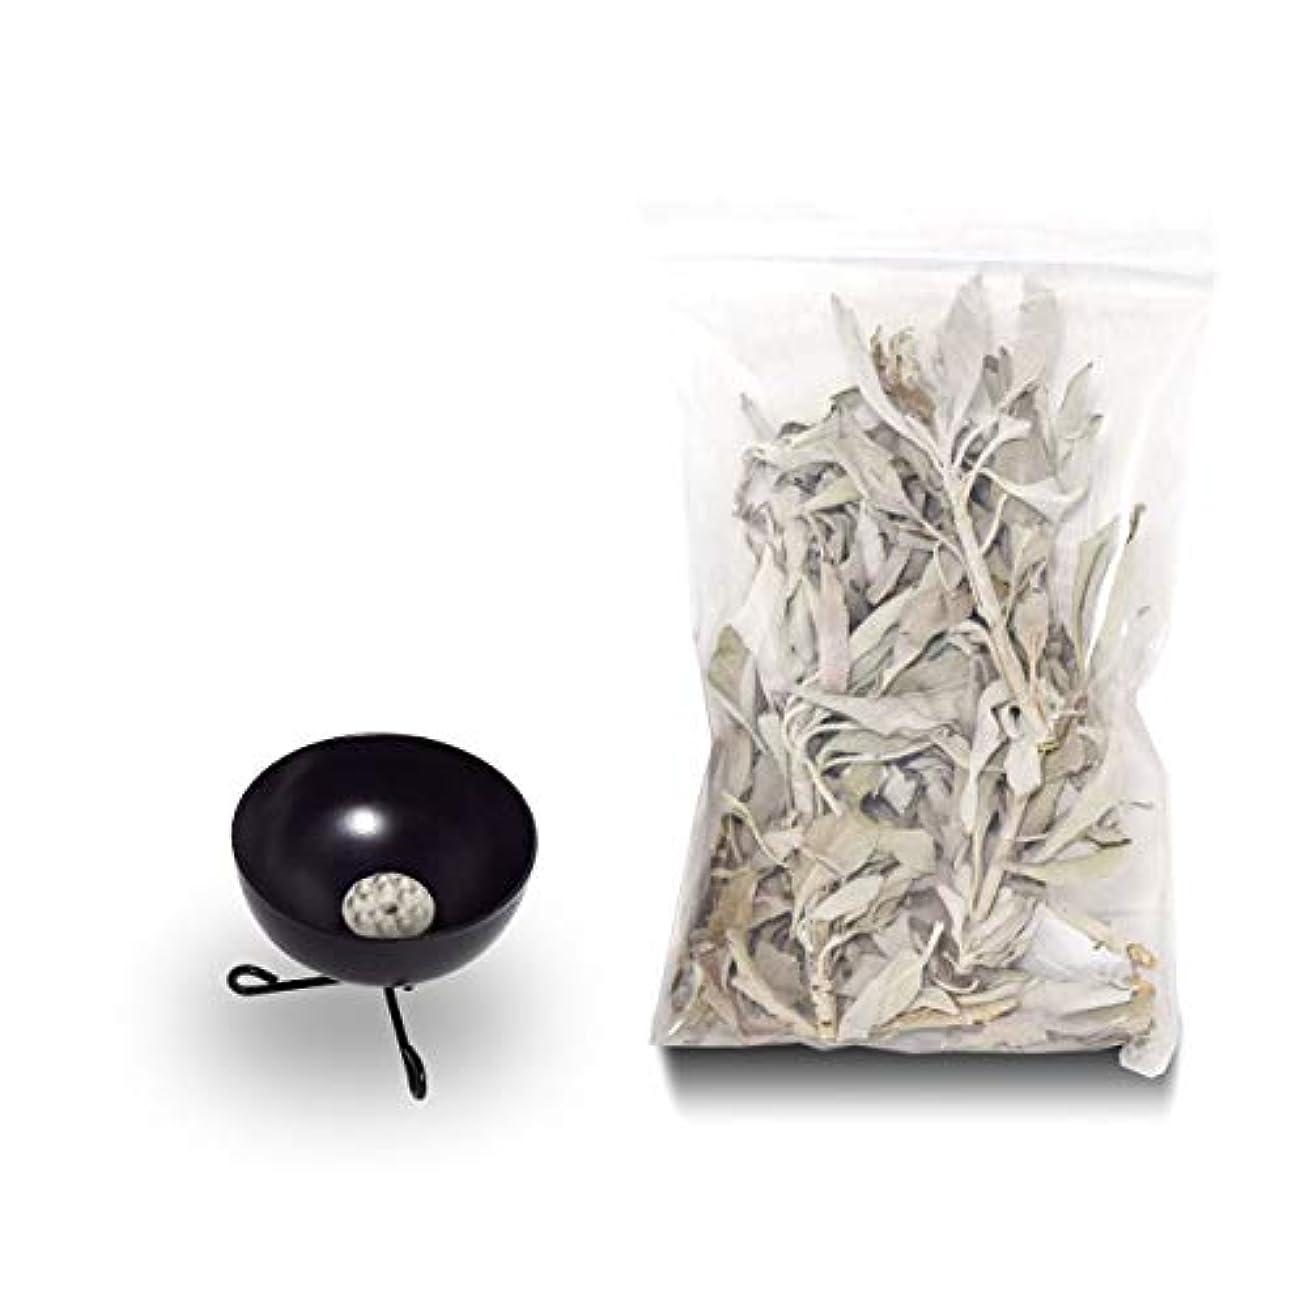 いらいらさせる未満宿るホワイトセージ 30g ミニ鉄製香炉 セット パワーストーン 浄化 お香 インセンス